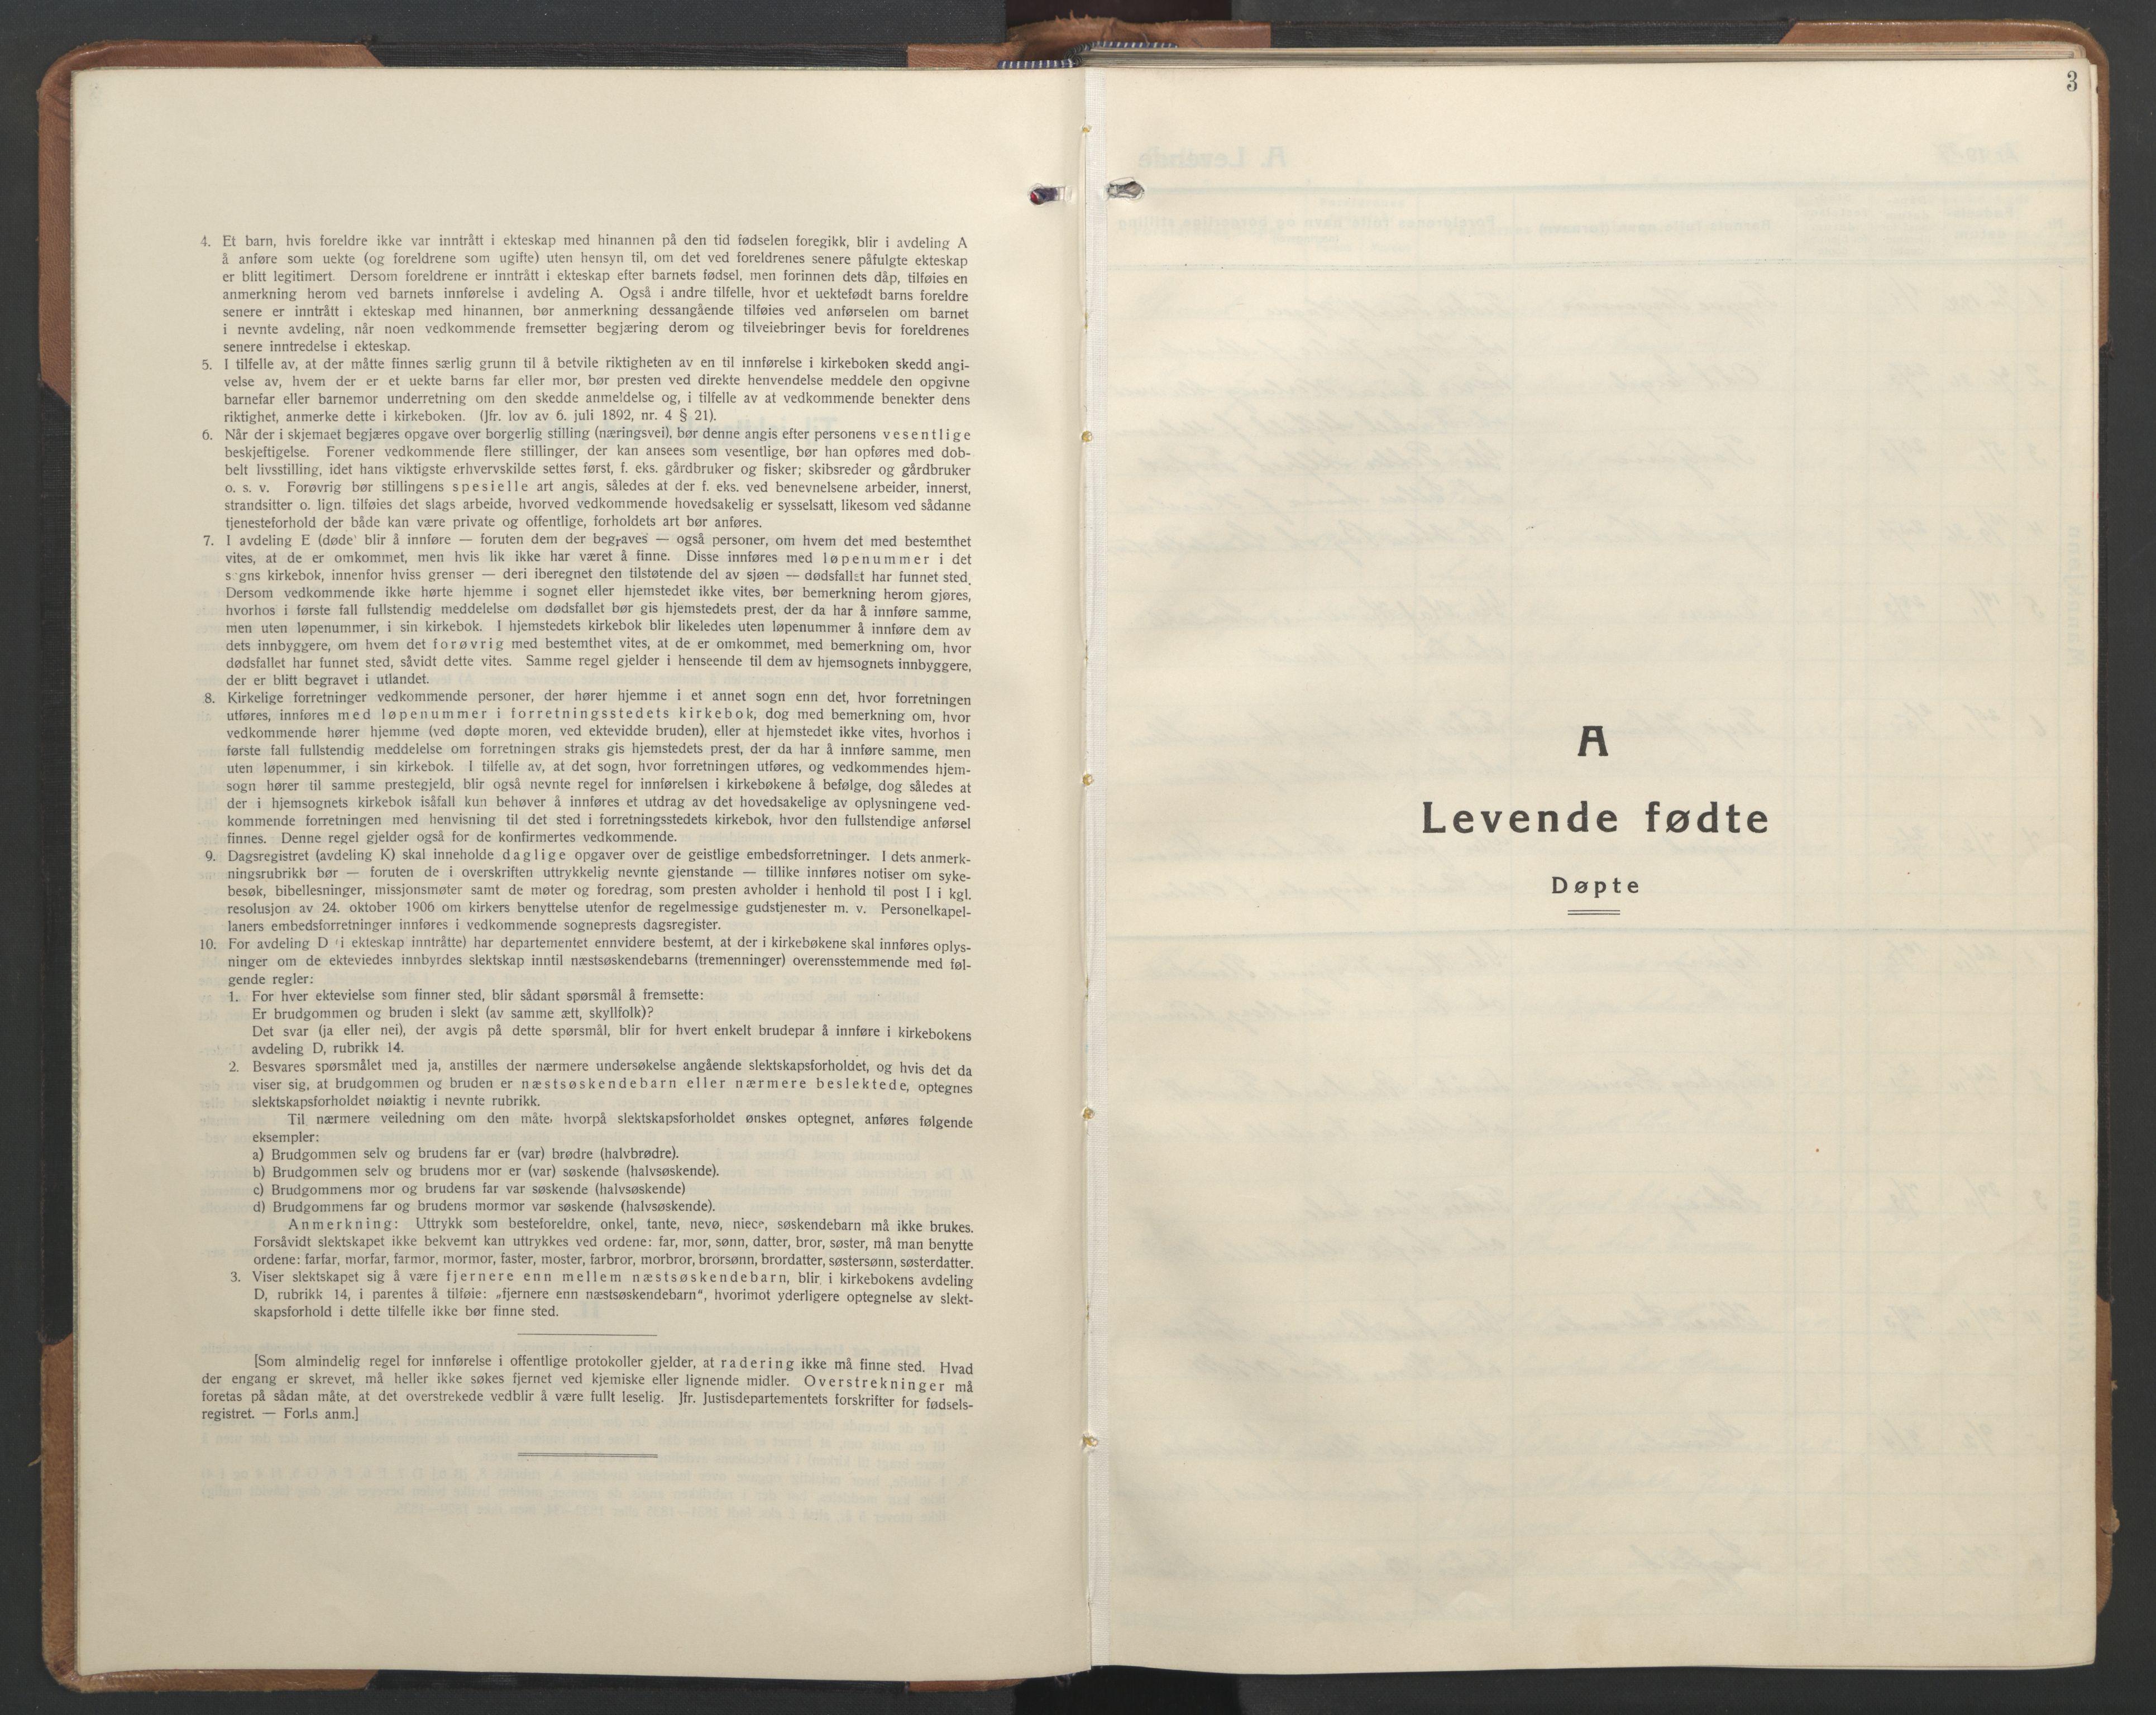 SAT, Ministerialprotokoller, klokkerbøker og fødselsregistre - Sør-Trøndelag, 655/L0690: Klokkerbok nr. 655C06, 1937-1950, s. 3